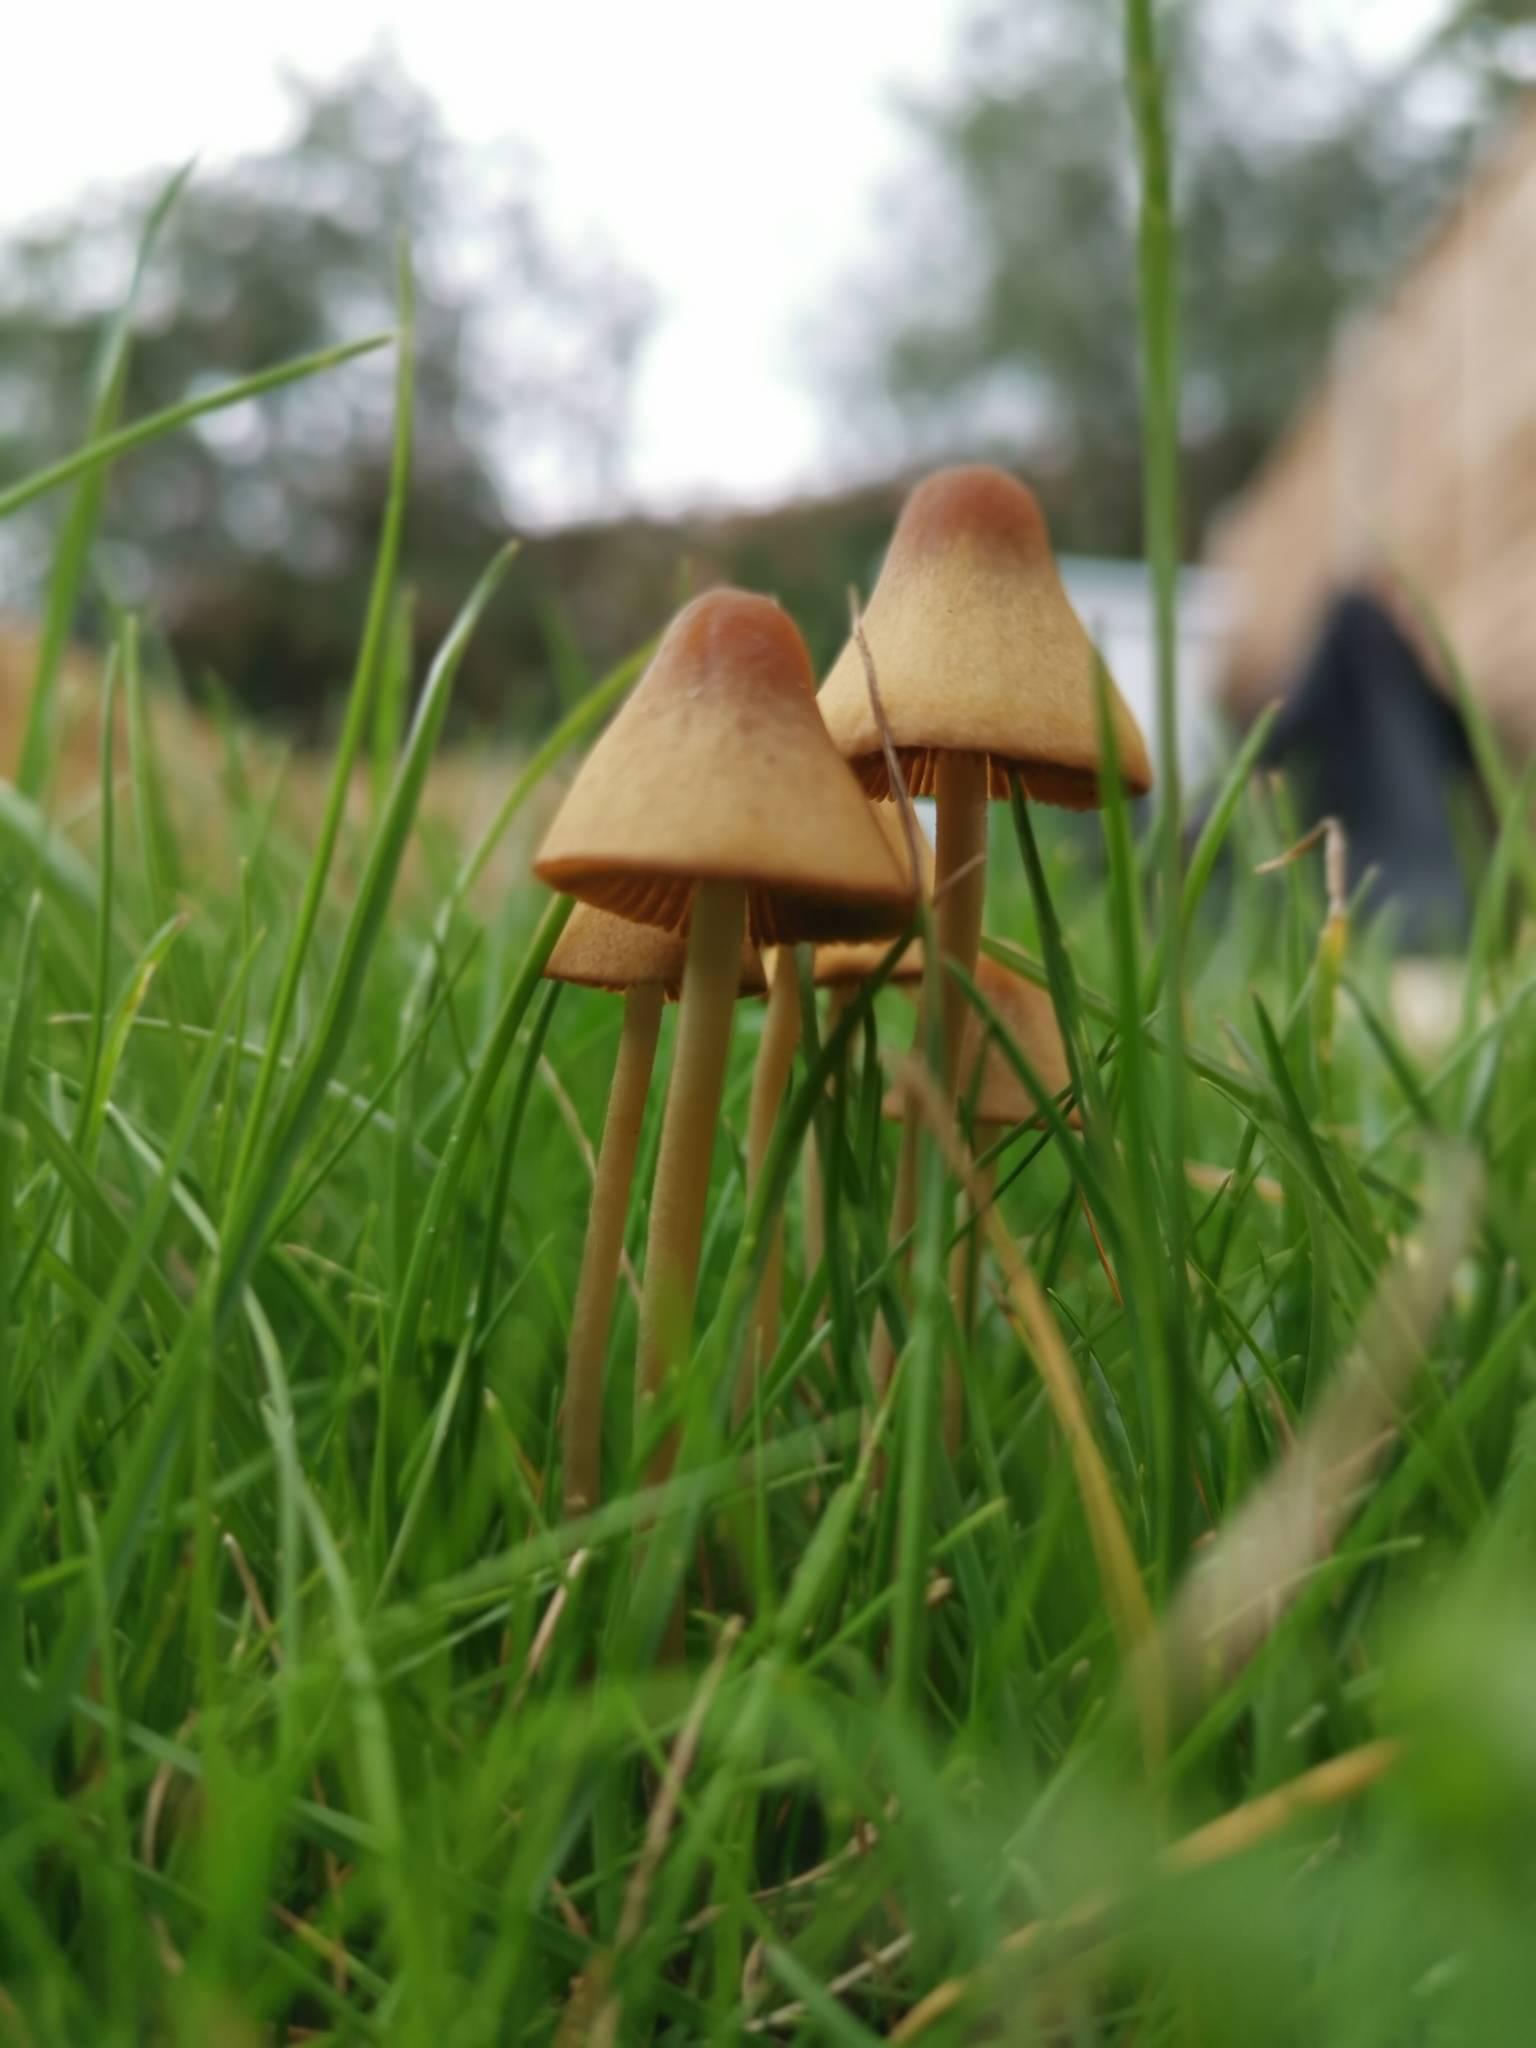 Newbie ID - Mushroom Hunting and Identification - Shroomery